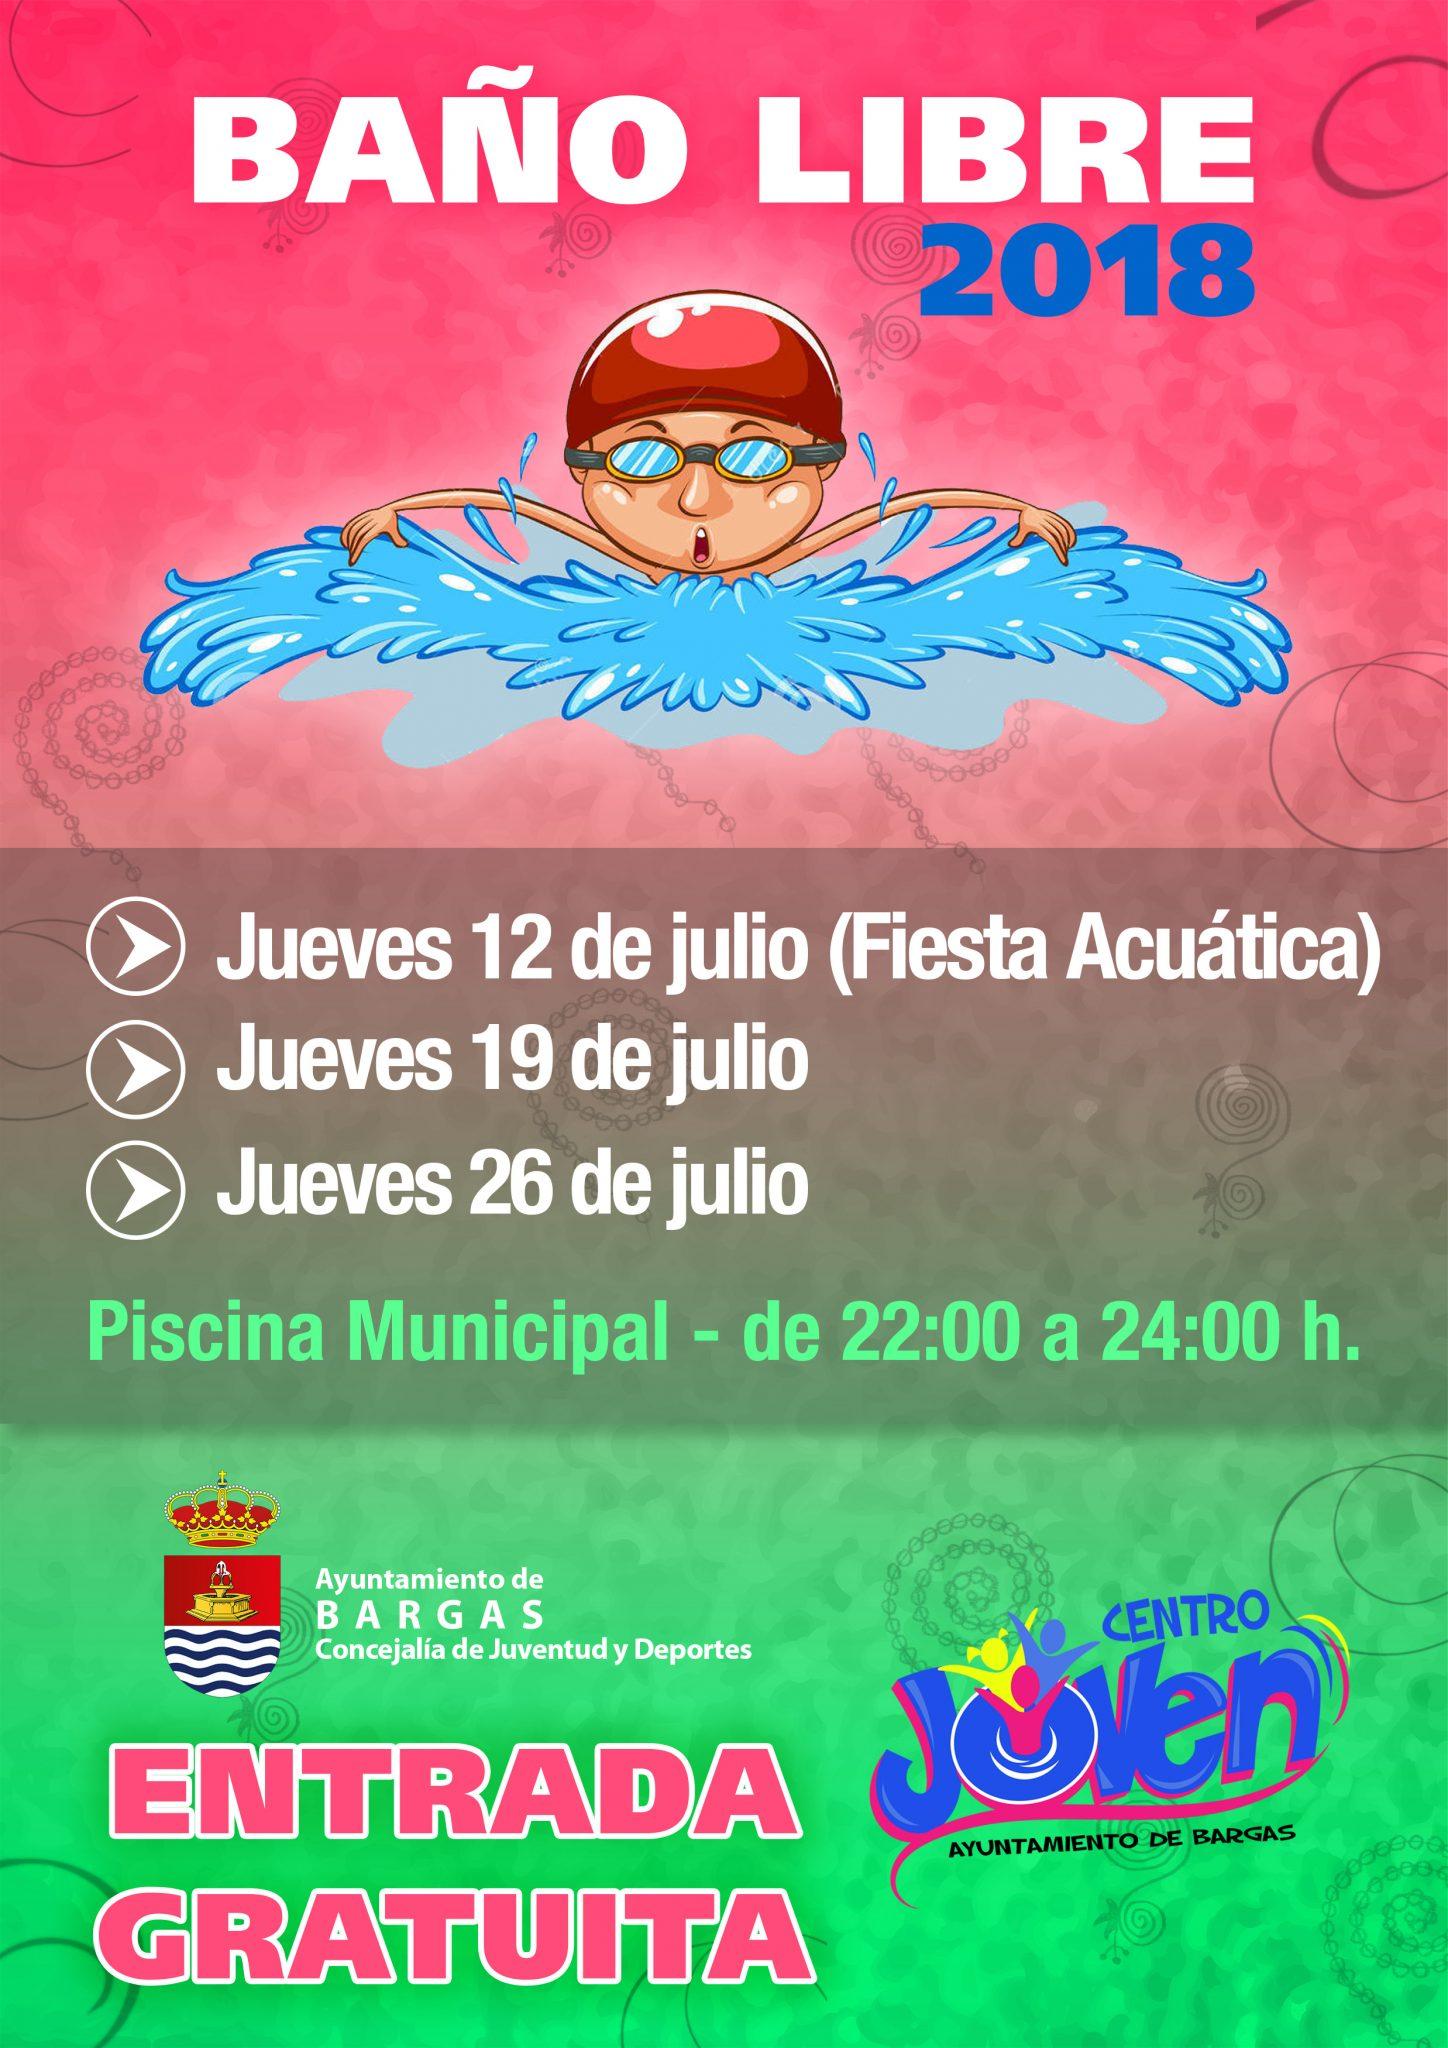 Baños libres en la Piscina Municipal – 2018